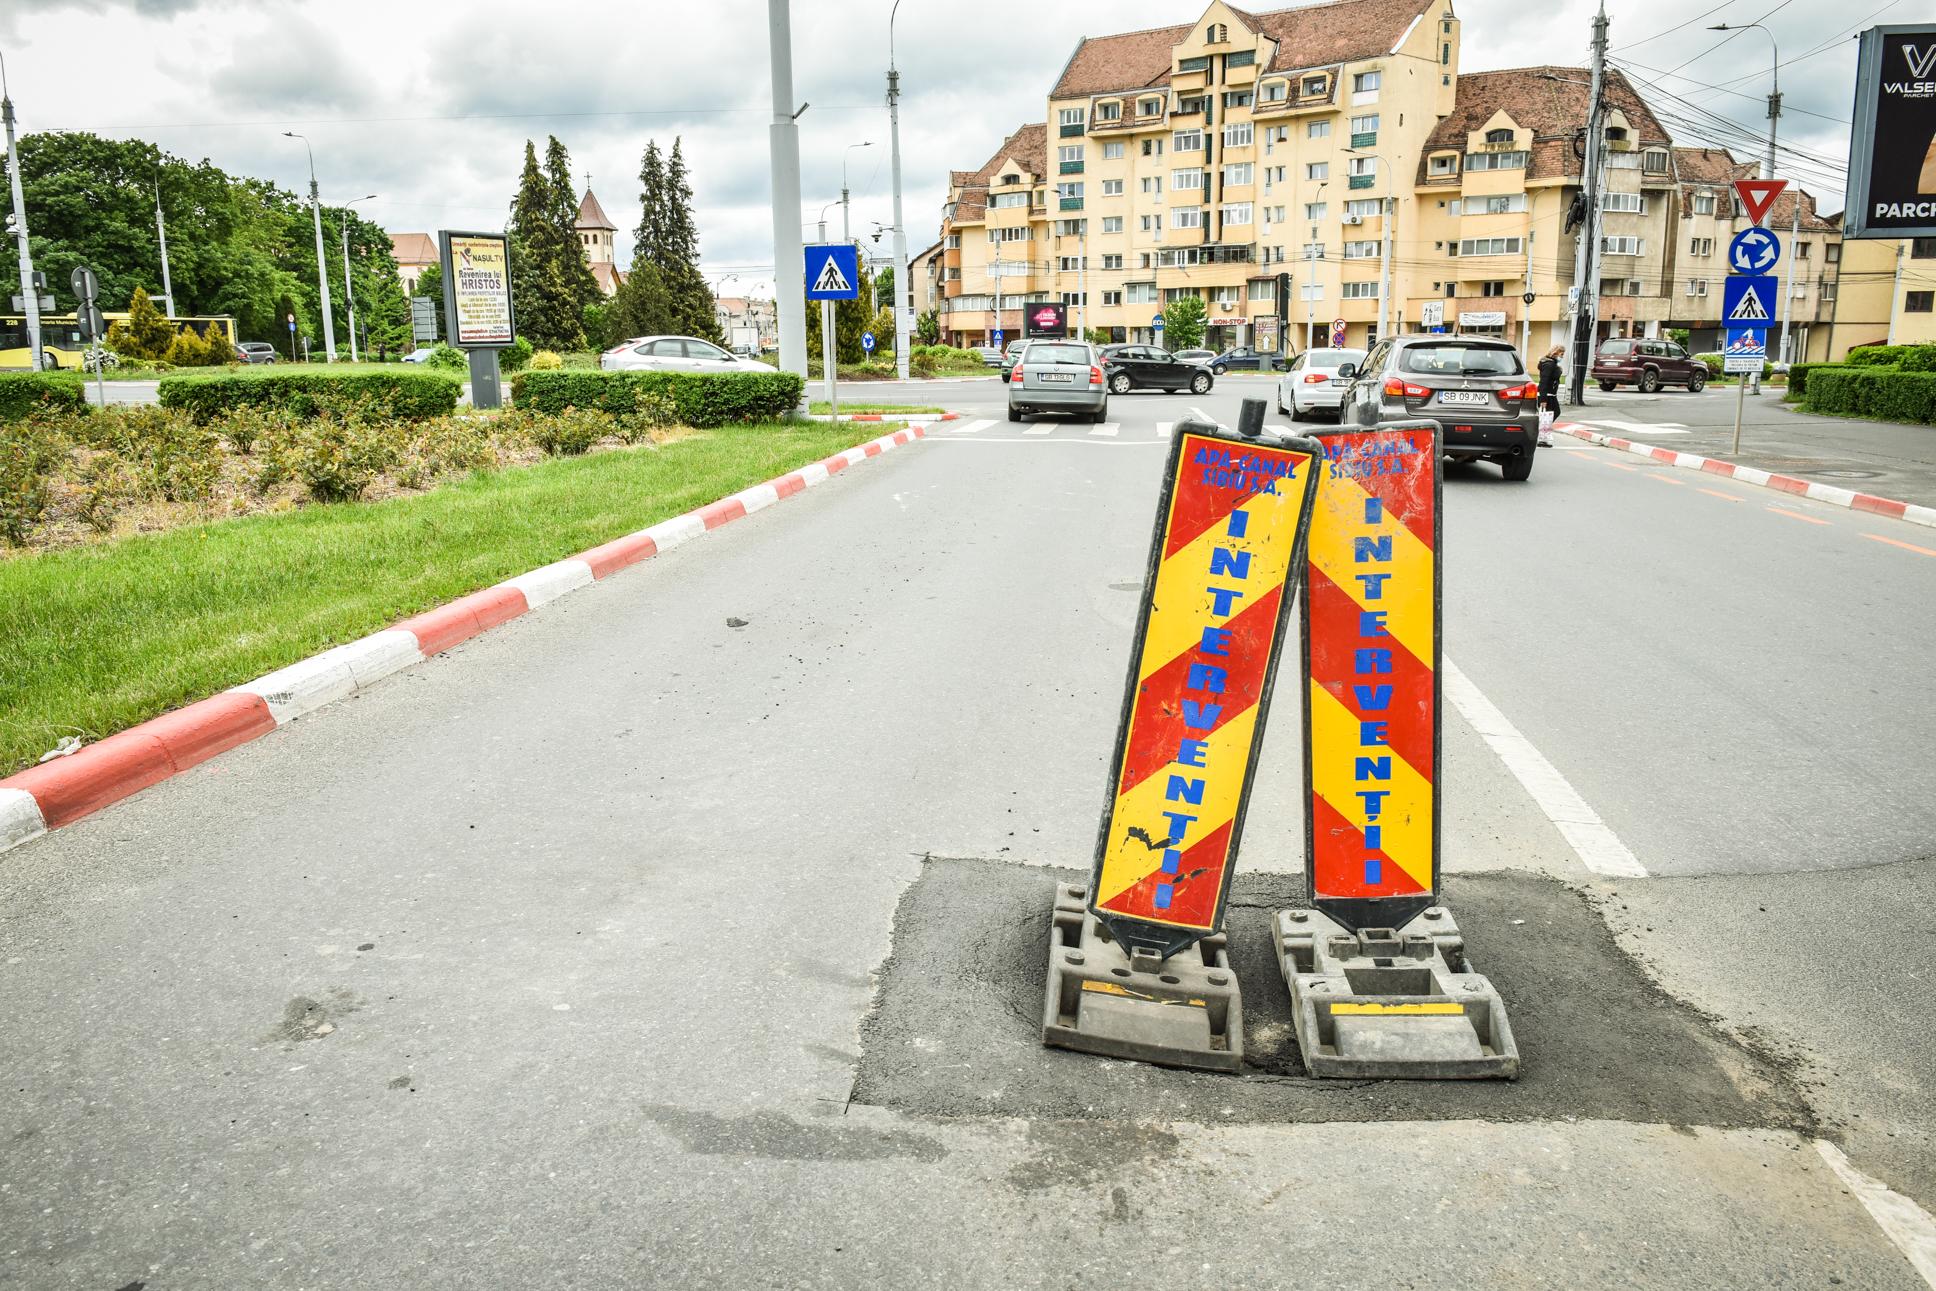 Reacția Apă Canal la groapa care a enervat șoferii: Am vrut de ieri să asfaltăm, însă ascunde un posibil defect mai grav